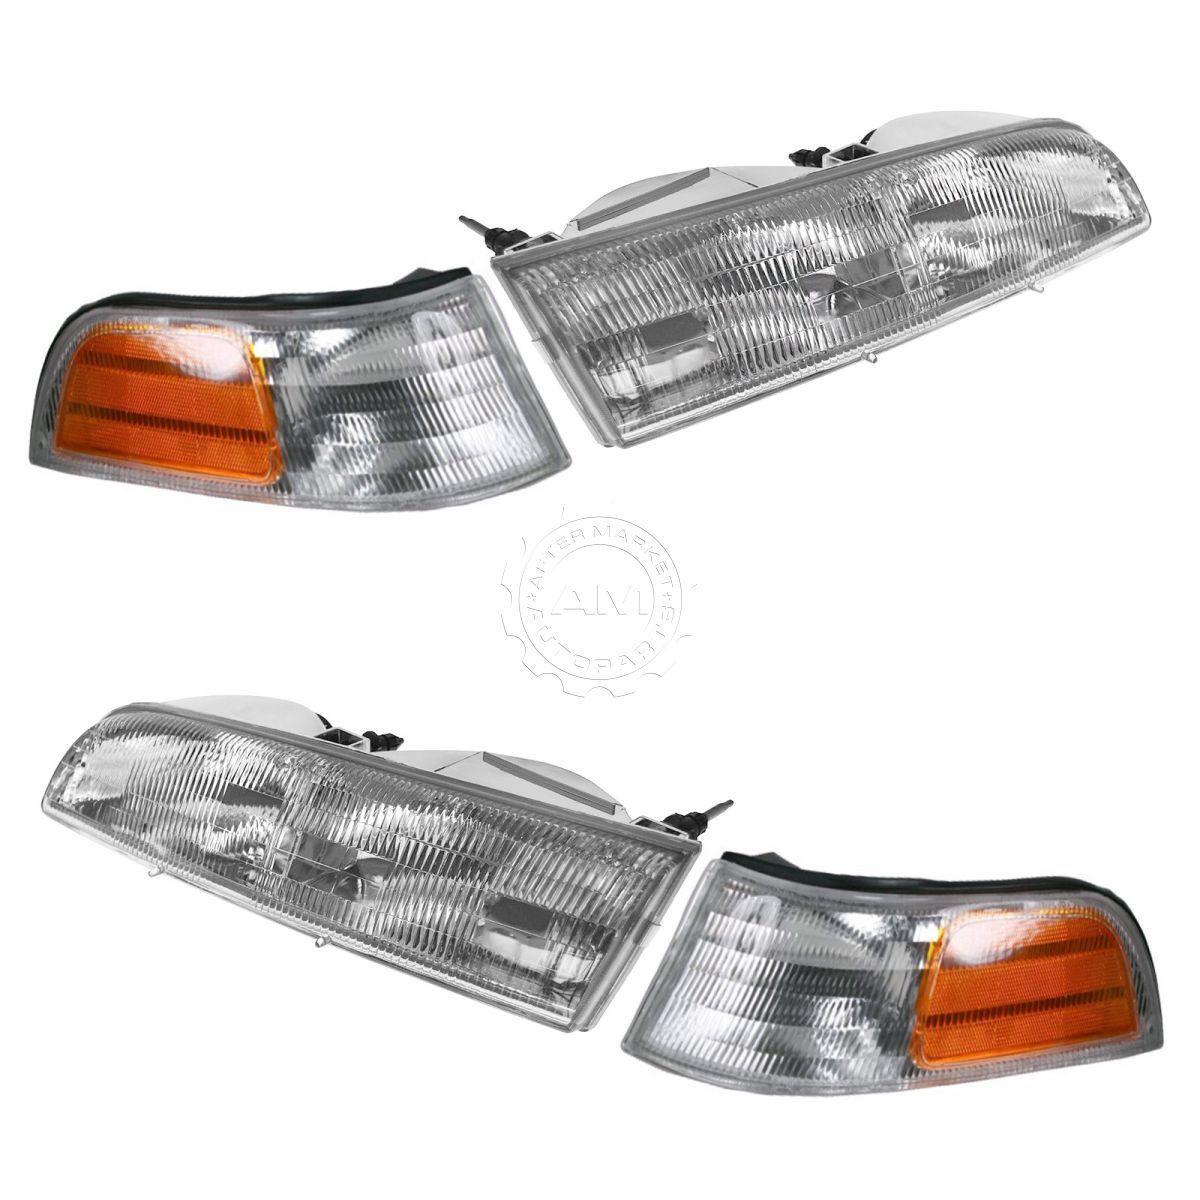 コーナーライト Headlight Headlamp Corner Light Lamp Kit Set of 4 for 92-97 Crown Victoria Base ヘッドライトヘッドランプコーナーライトランプキット92-97クラウンビクトリアベースの4のセット